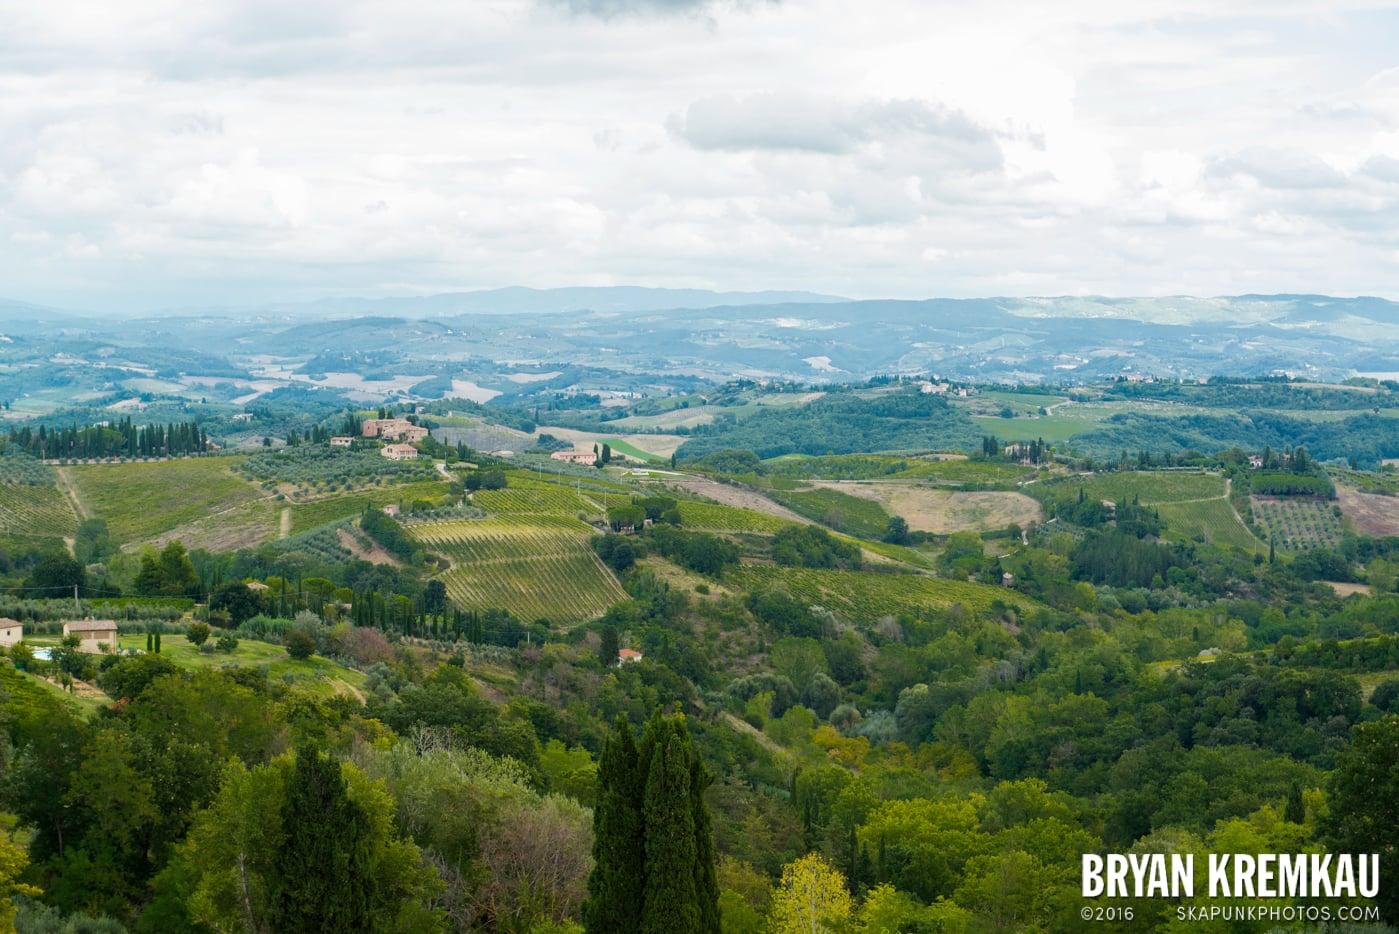 Italy Vacation - Day 8: Siena, San Gimignano, Chianti, Pisa - 9.16.13 (77)